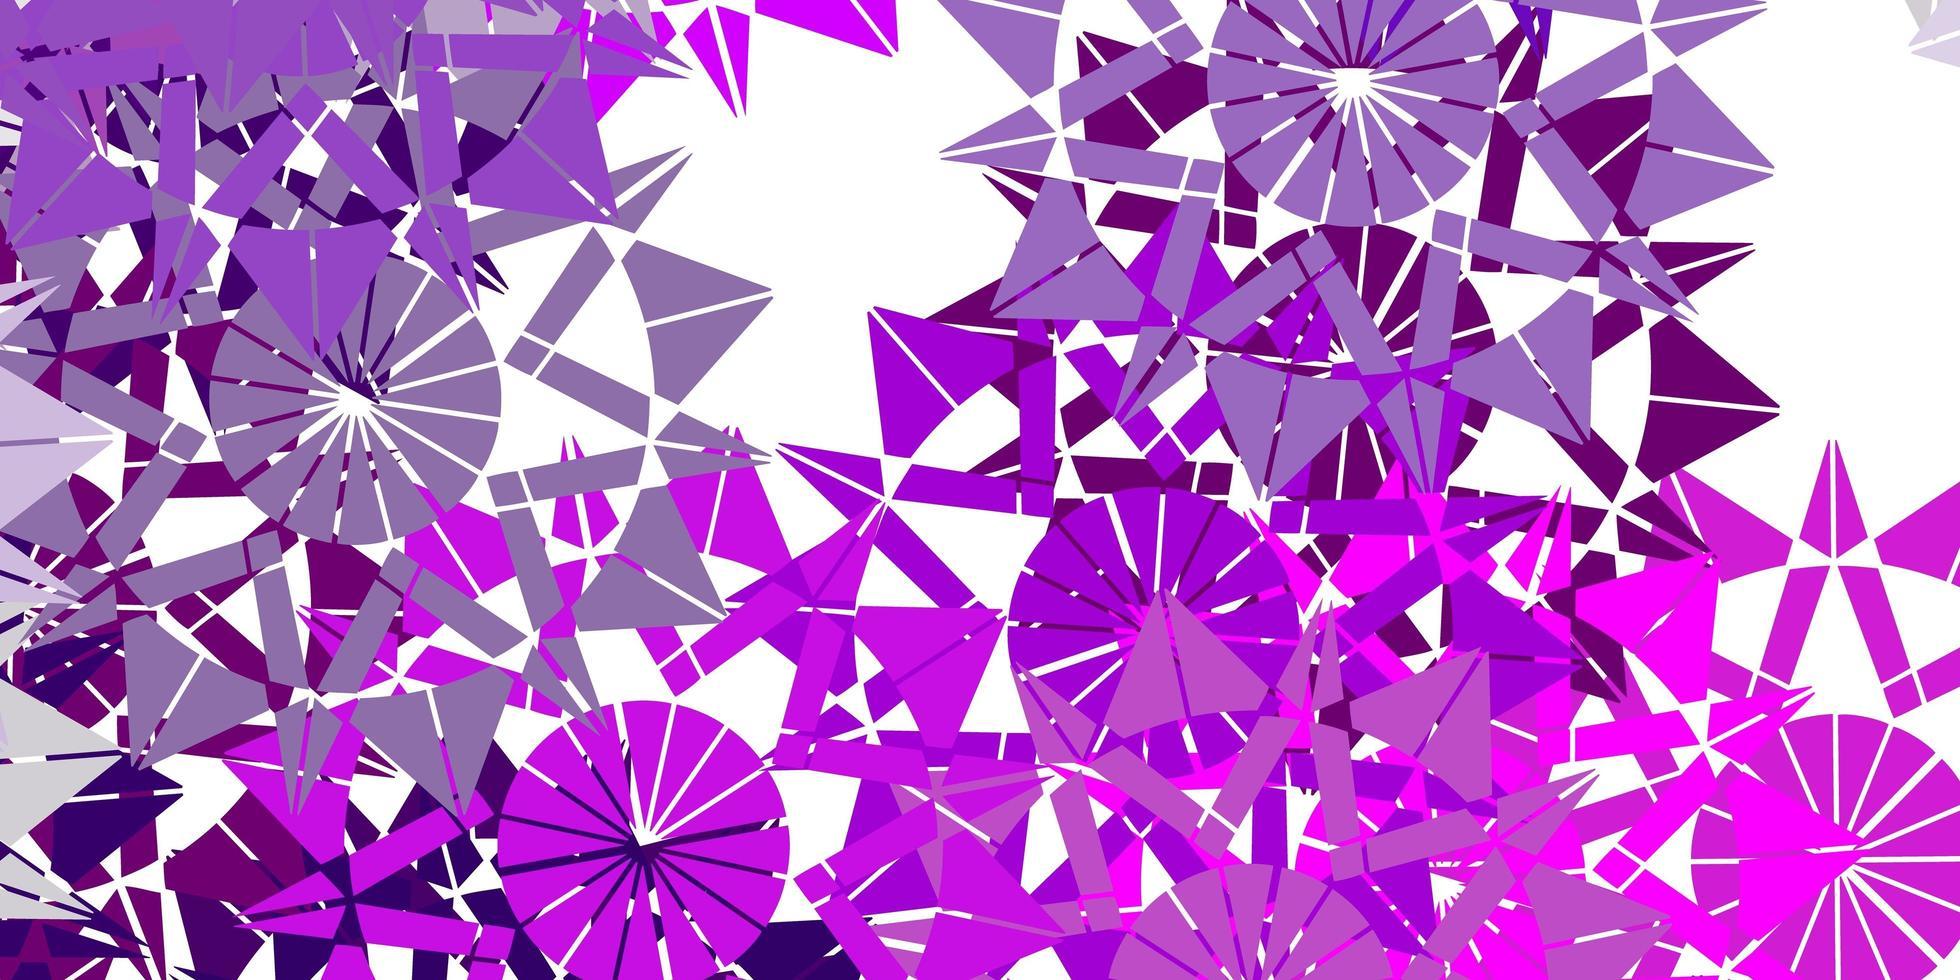 ljusrosa vektorbakgrund med julsnöflingor. vektor